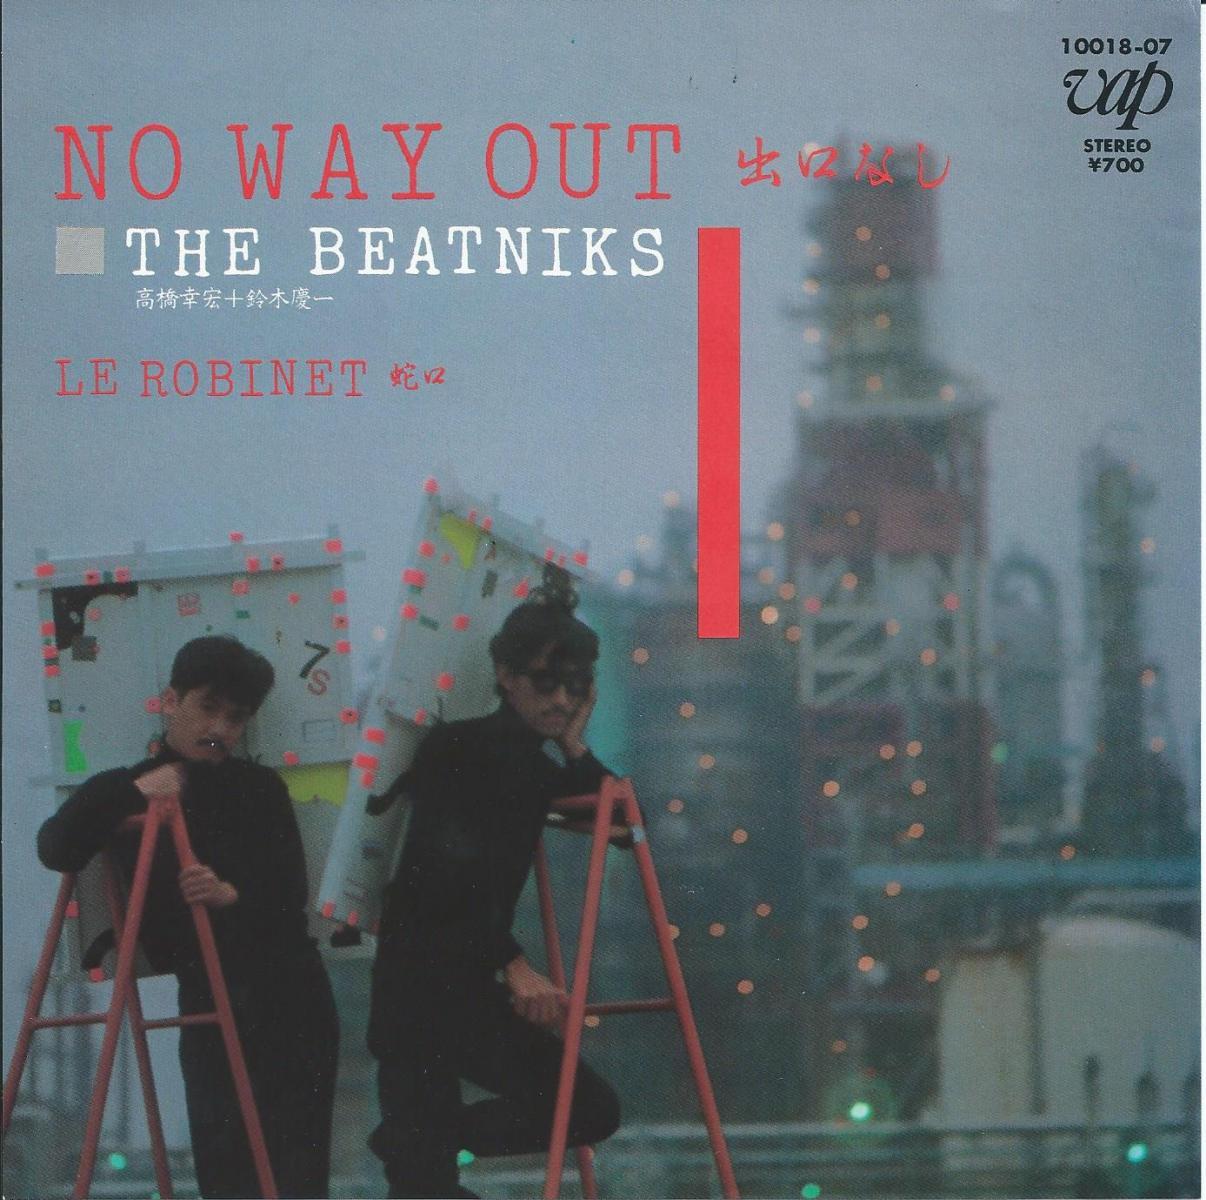 ザ・ビートニクス THE BEATNIKS (高橋幸宏+鈴木慶一) / NO WAY OUT 出口なし / LE ROBINET (7